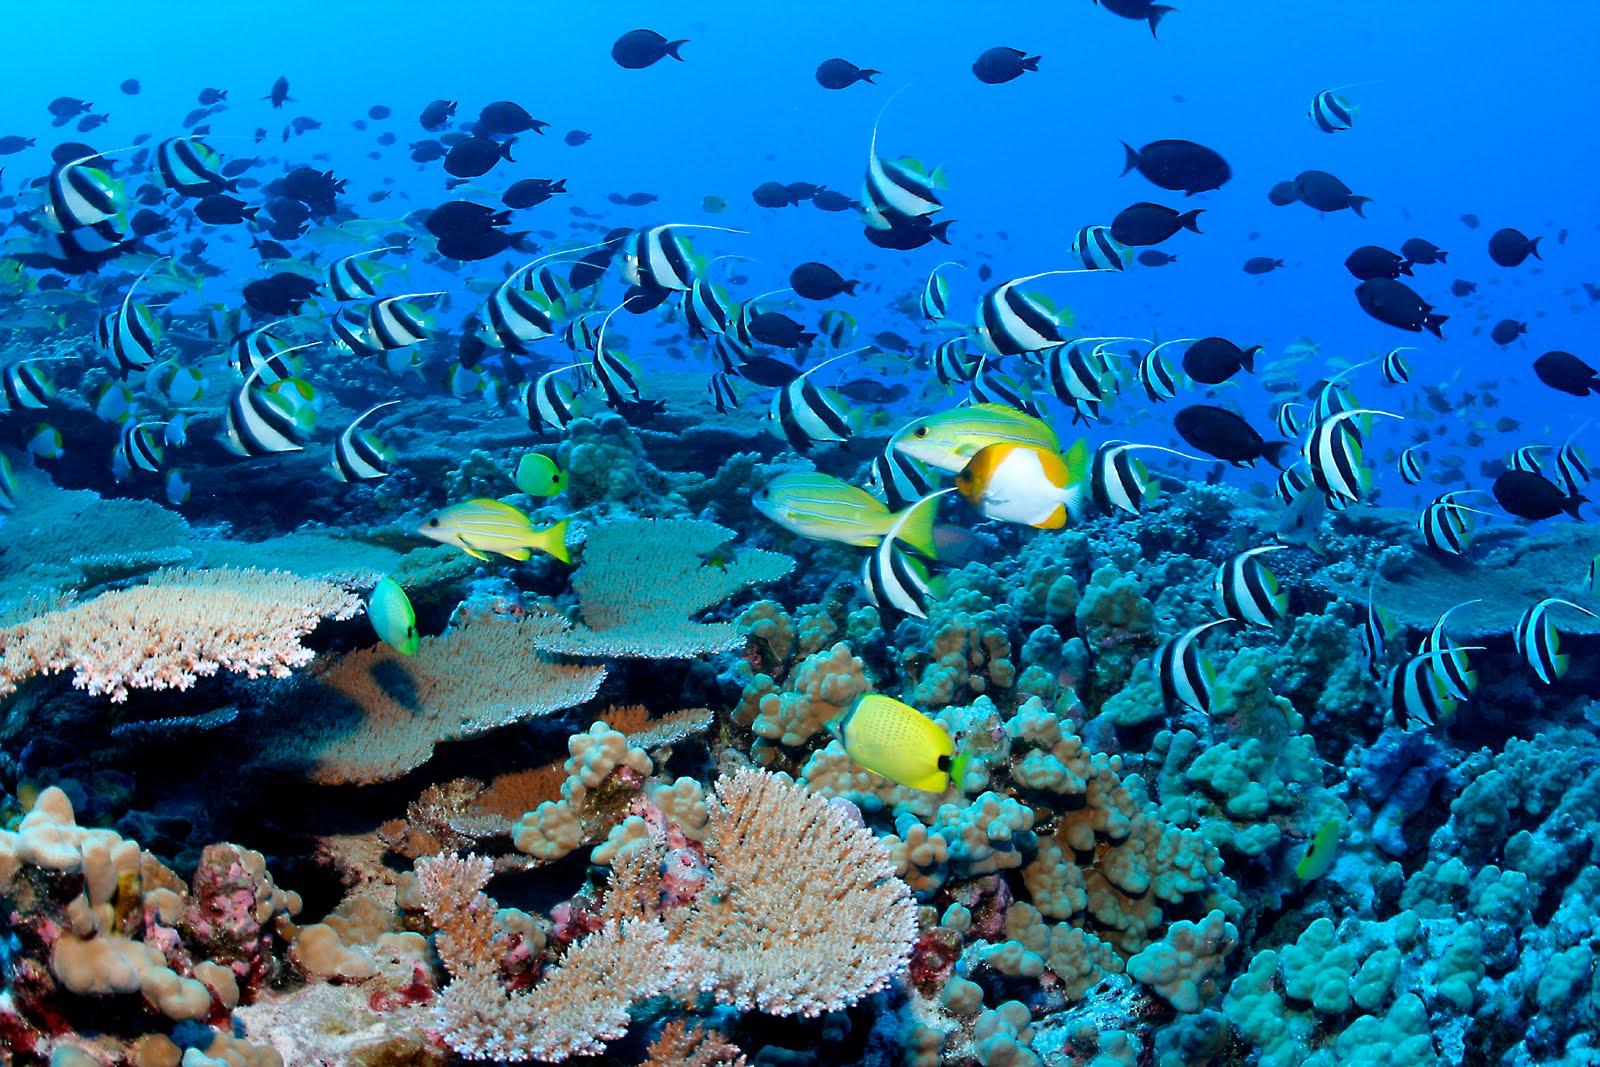 snorkeling-on-coral-reef.jpg